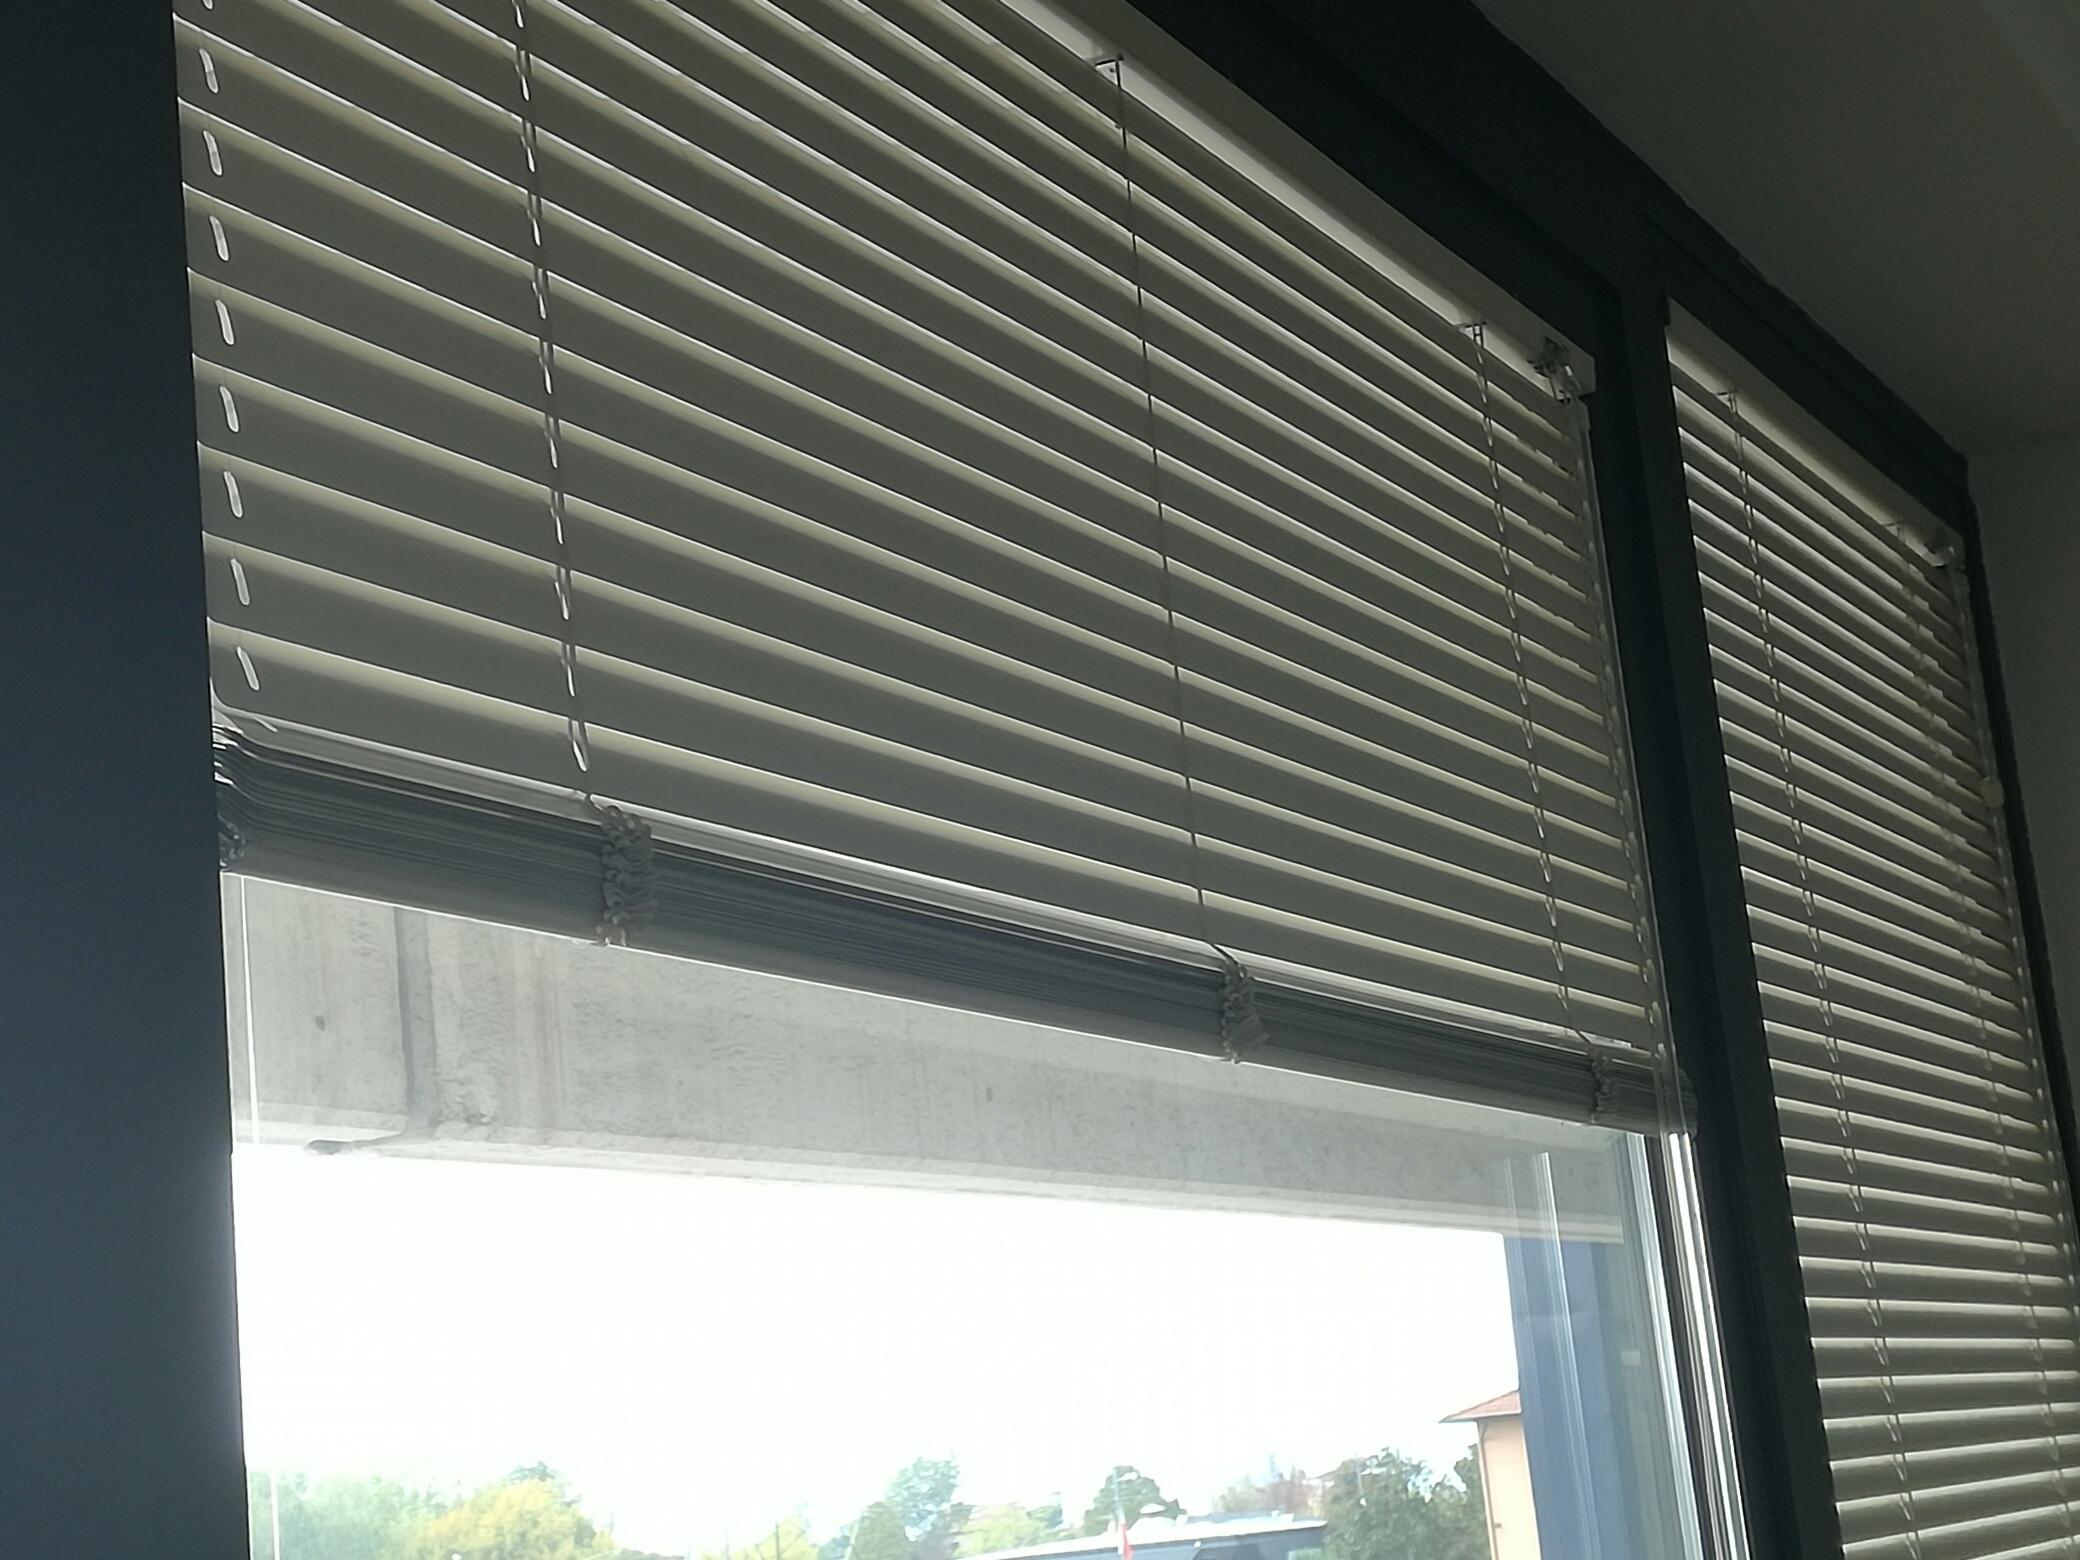 Tende Per Finestre A Ribalta finestra con veneziana interna, una vera rivoluzione - casa